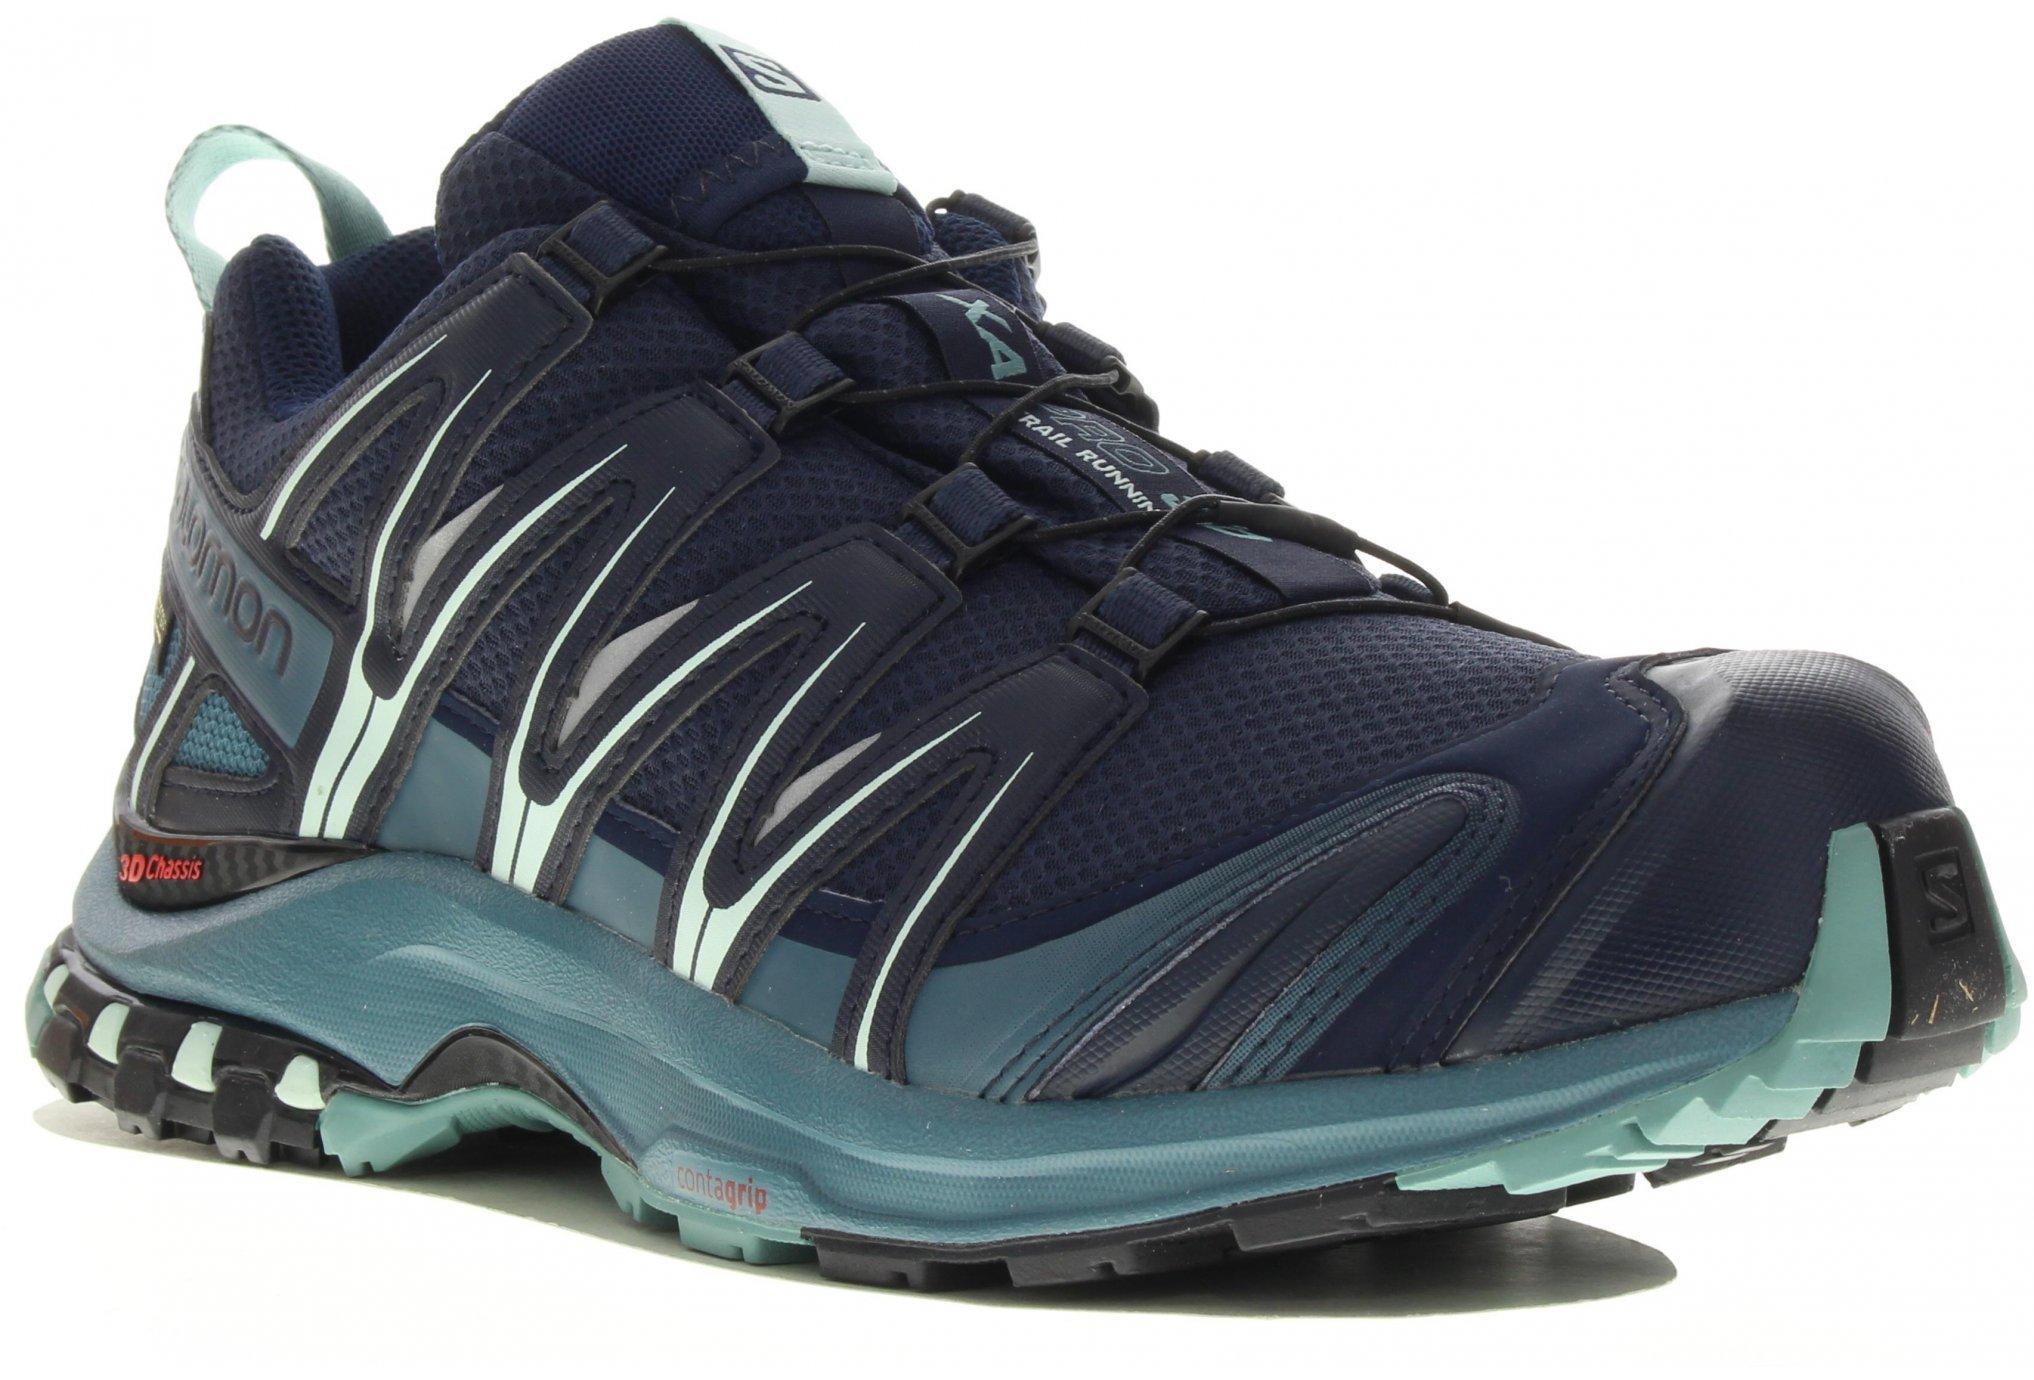 Salomon XA Pro 3D Gore-Tex W Diététique Chaussures femme